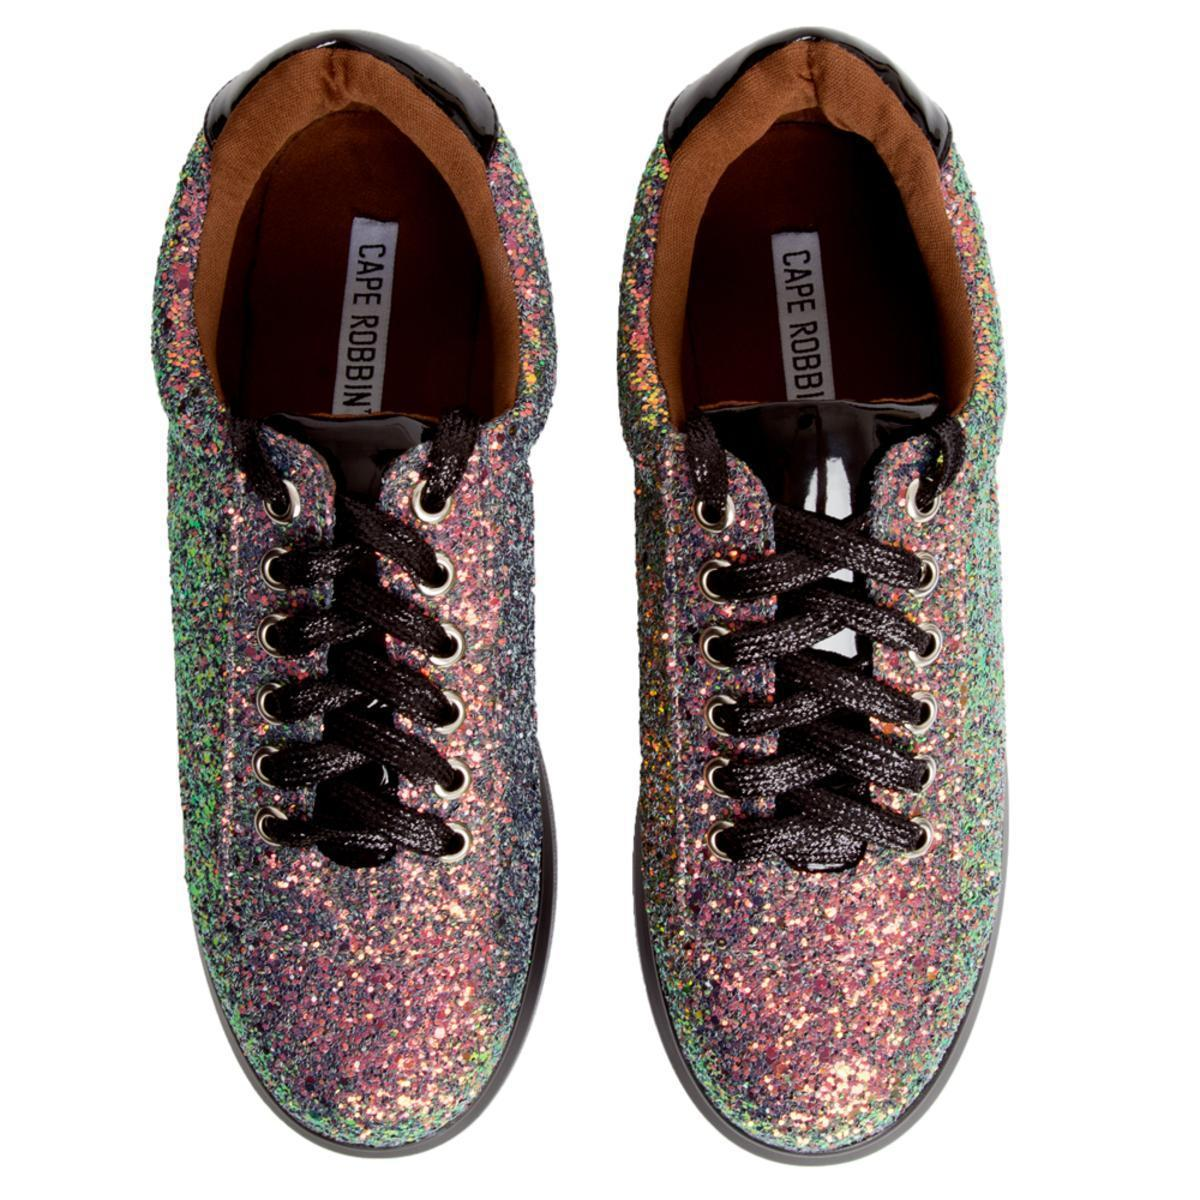 Cape Robbin Womens Future-3 White Sole Lace Up Floral Designer Sneaker